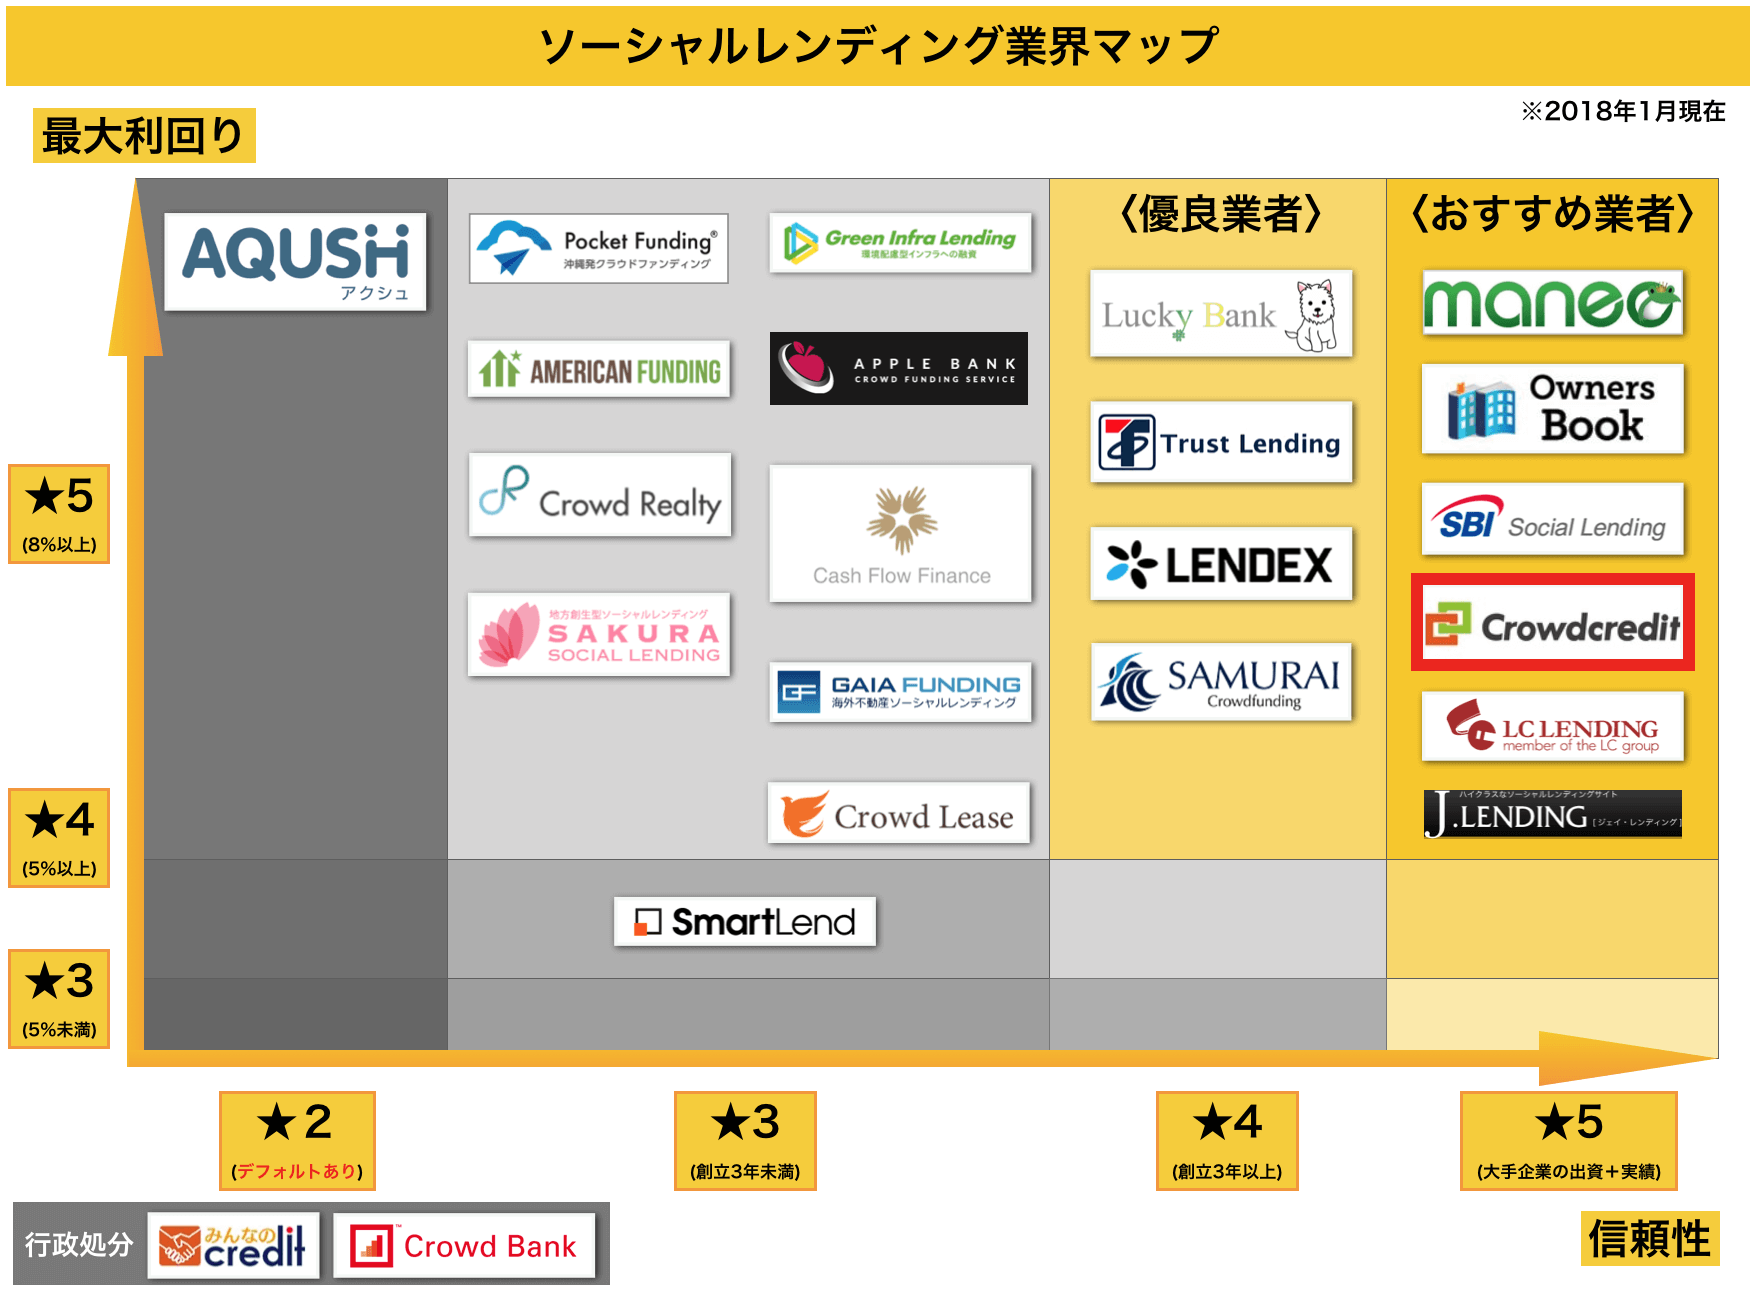 ソーシャルレンディング業界マップ